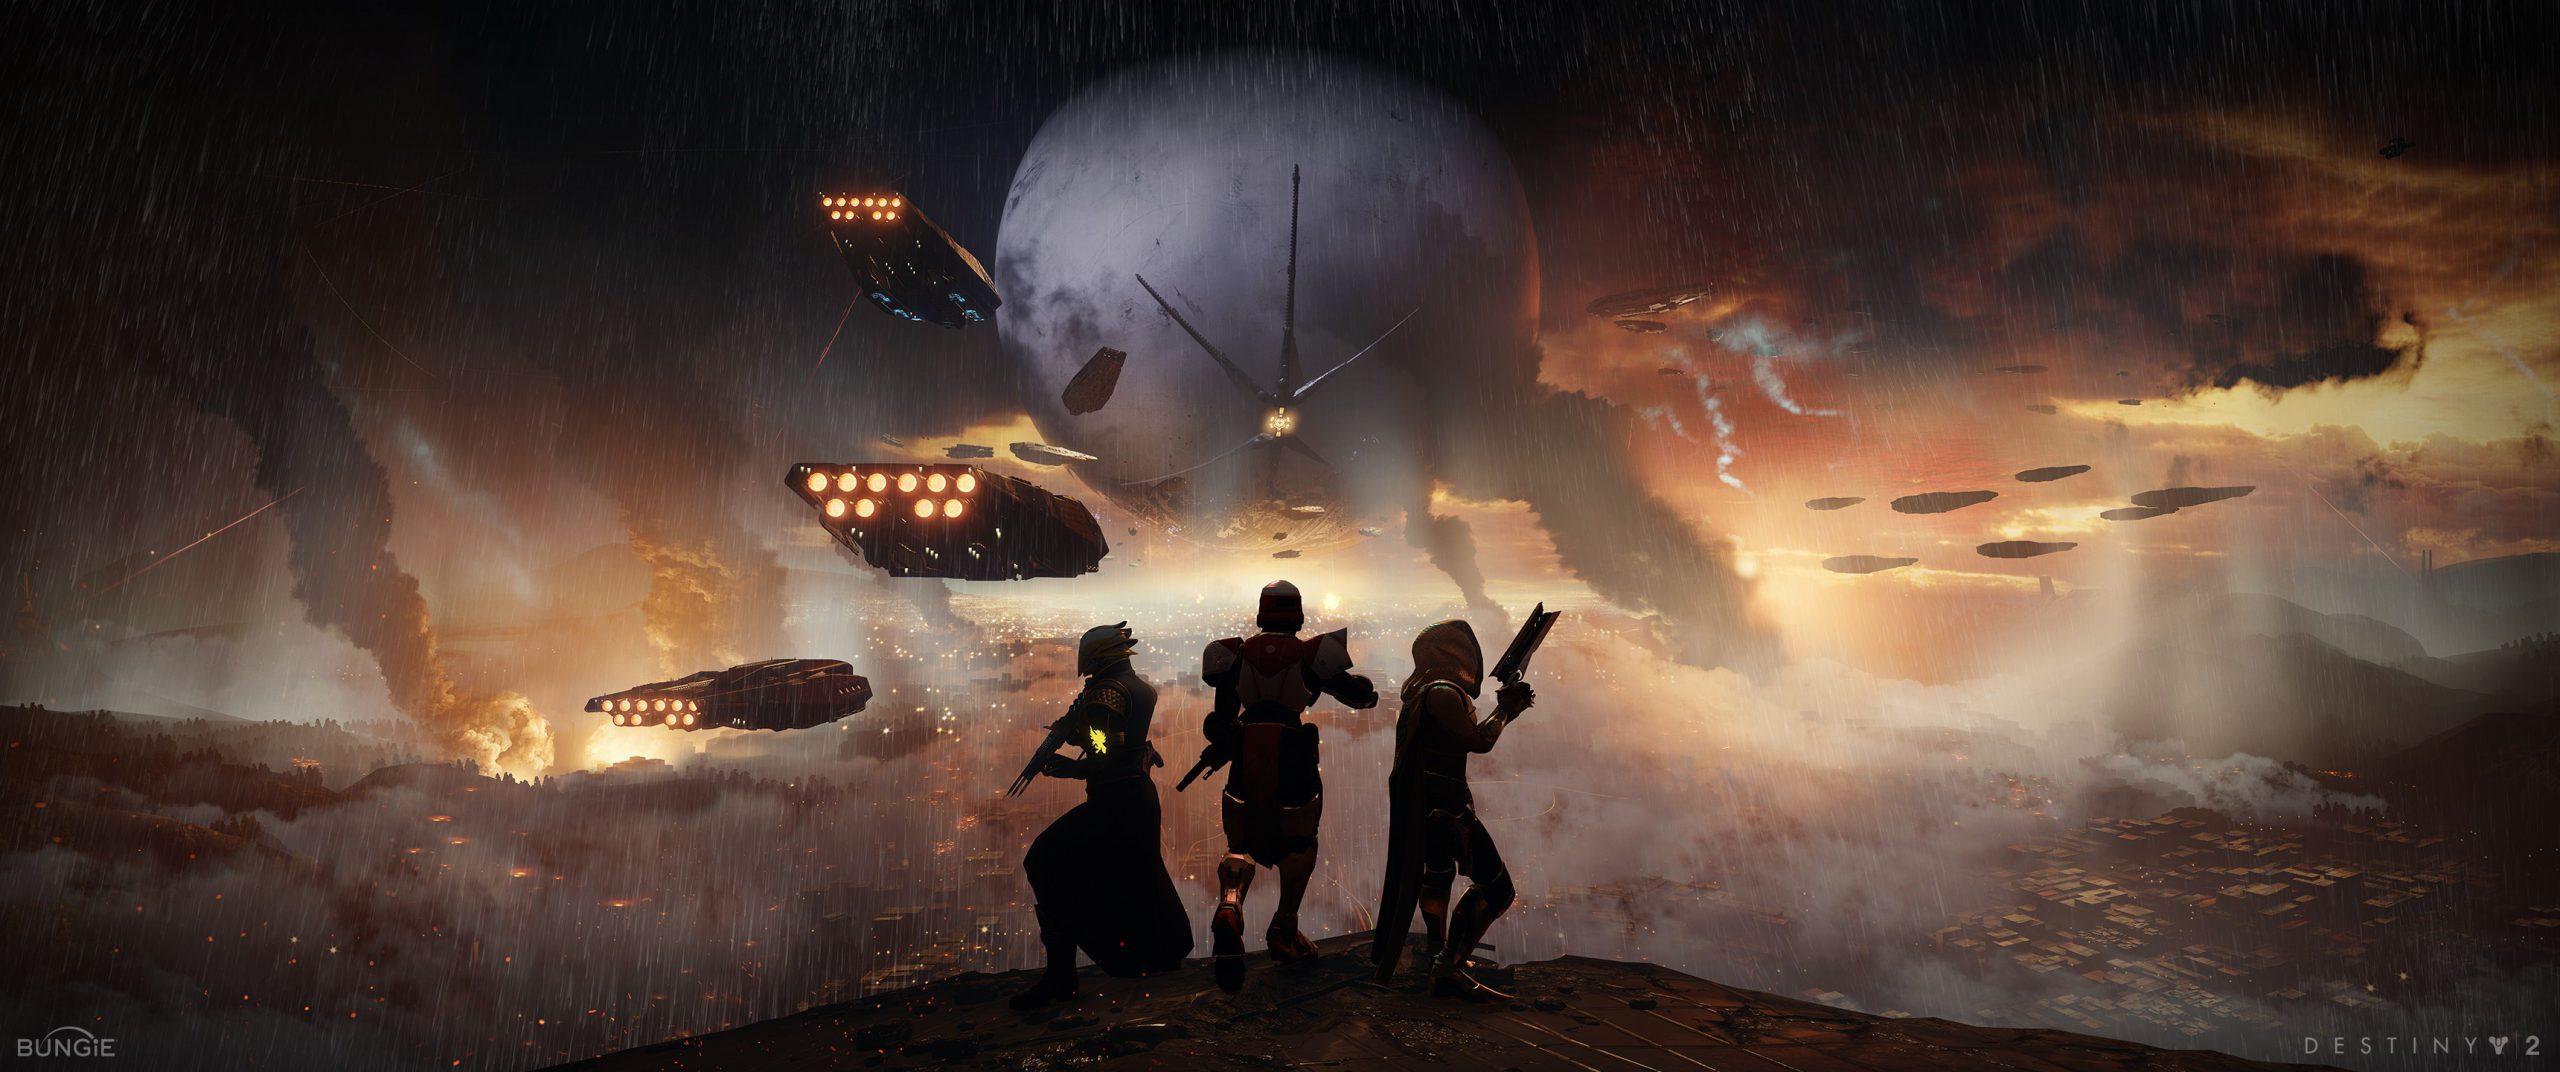 Destiny Trials Gear Up For The Show